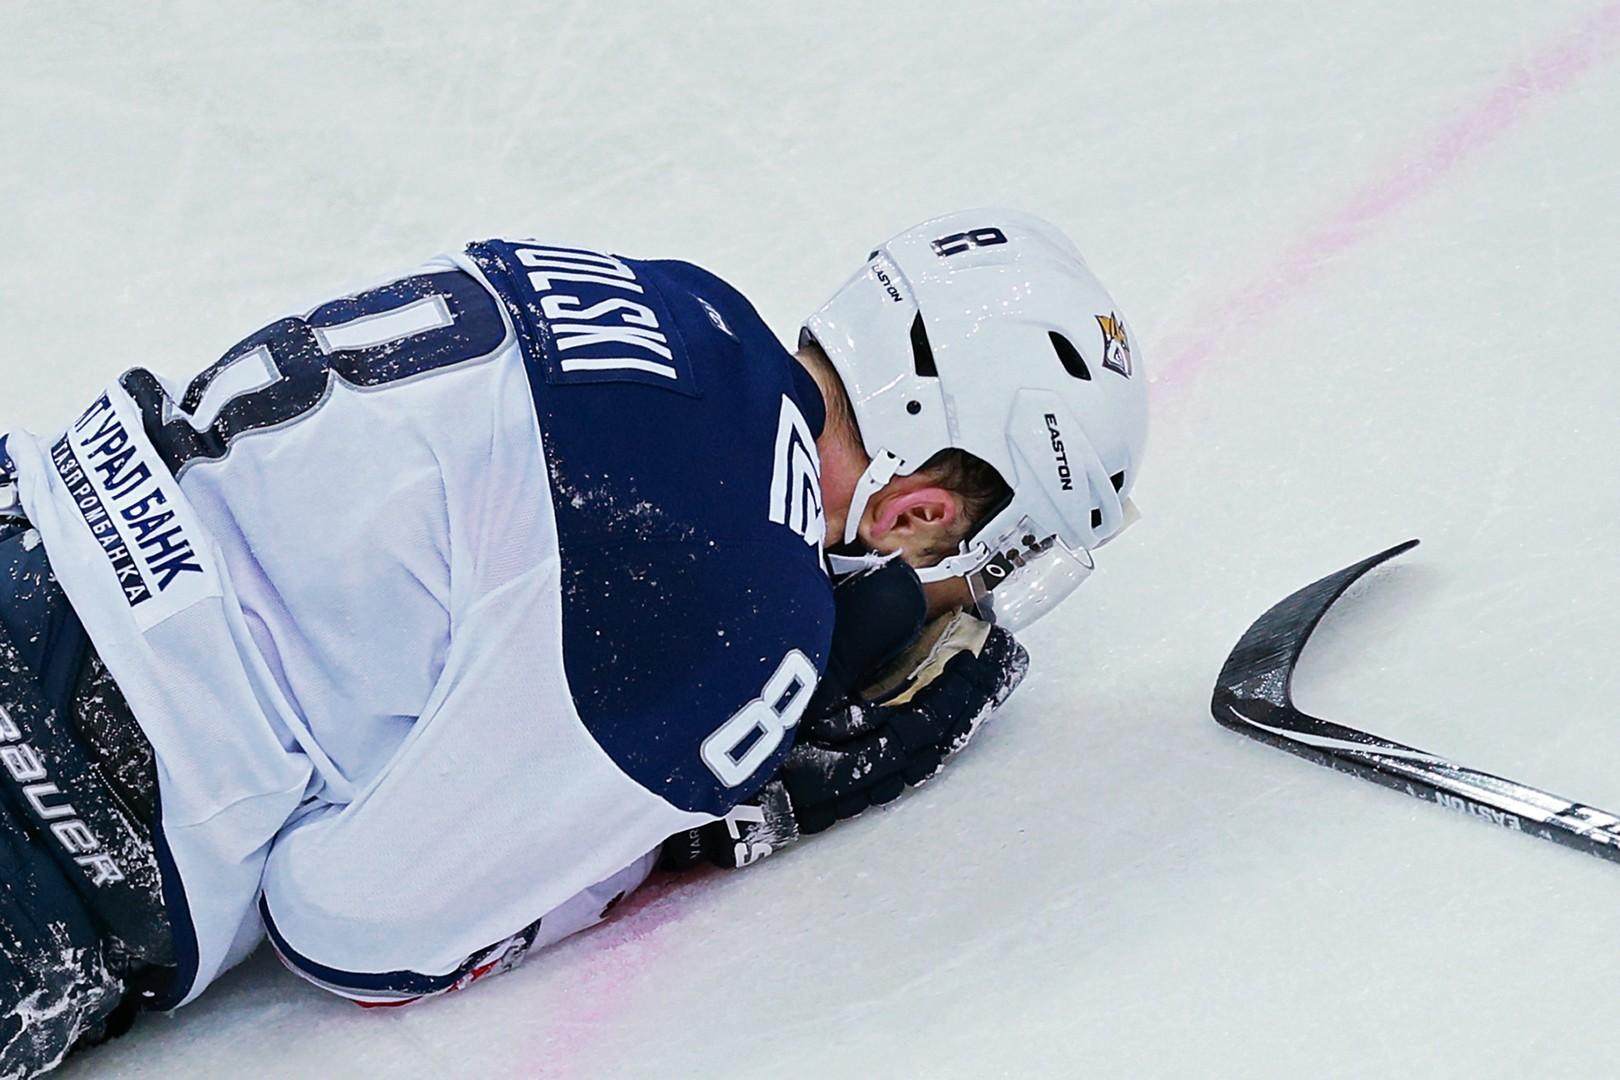 С площадки в реанимацию: хоккеист магнитогорского «Металлурга» получил серьёзную травму